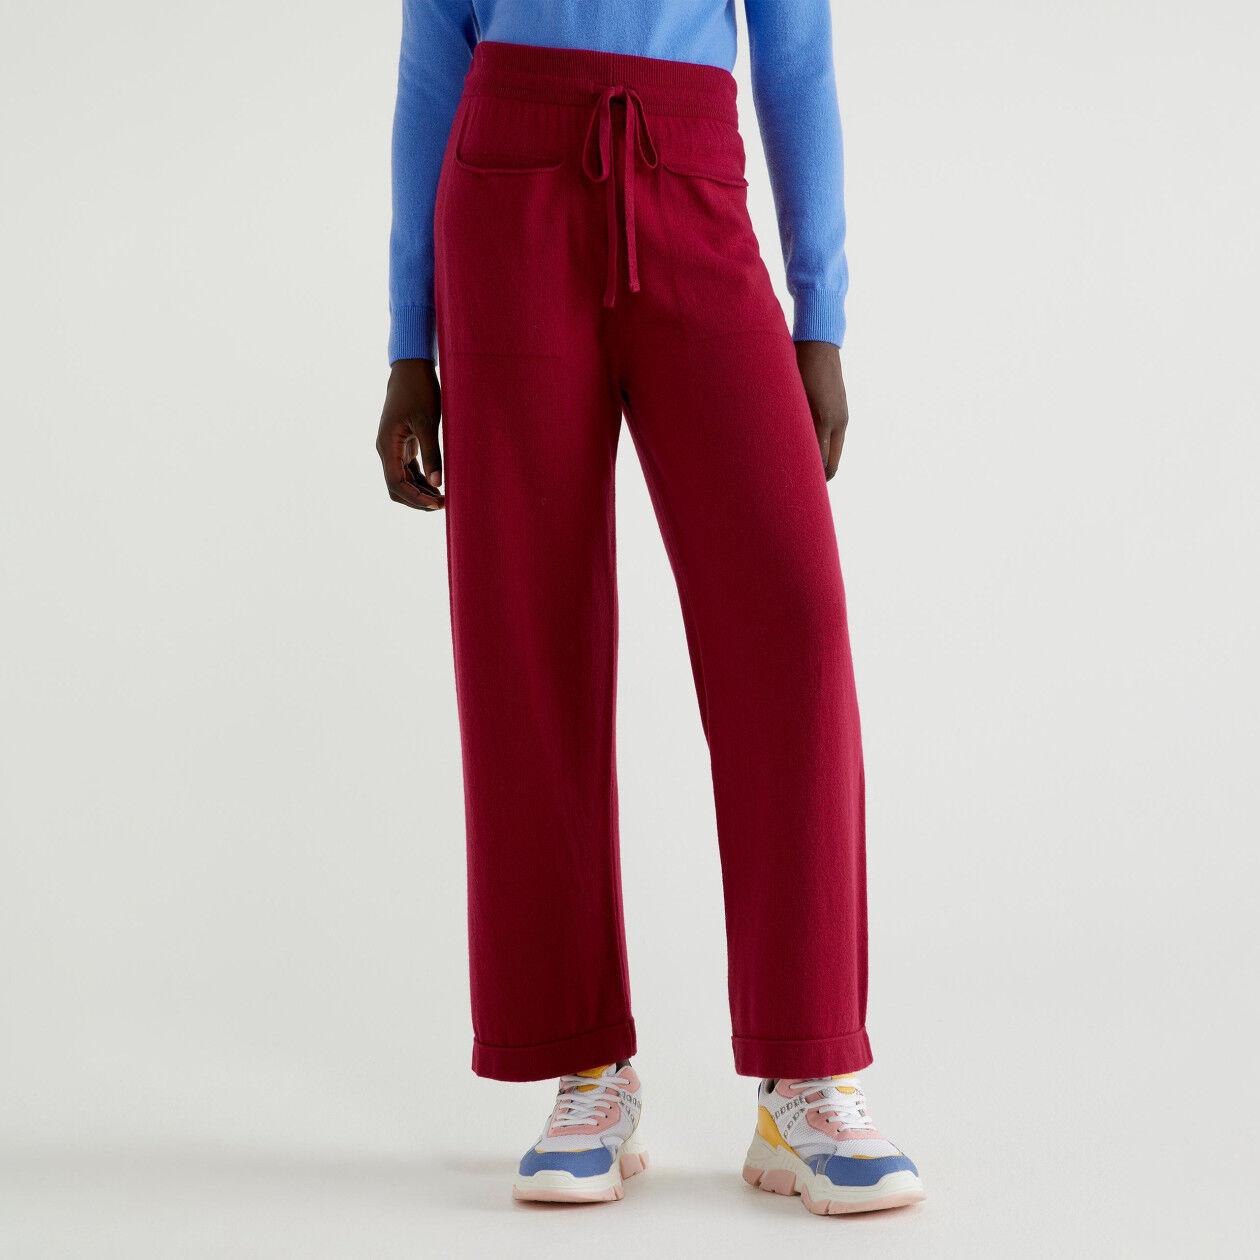 Παντελόνι από πλεκτό ύφασμα με τσέπες